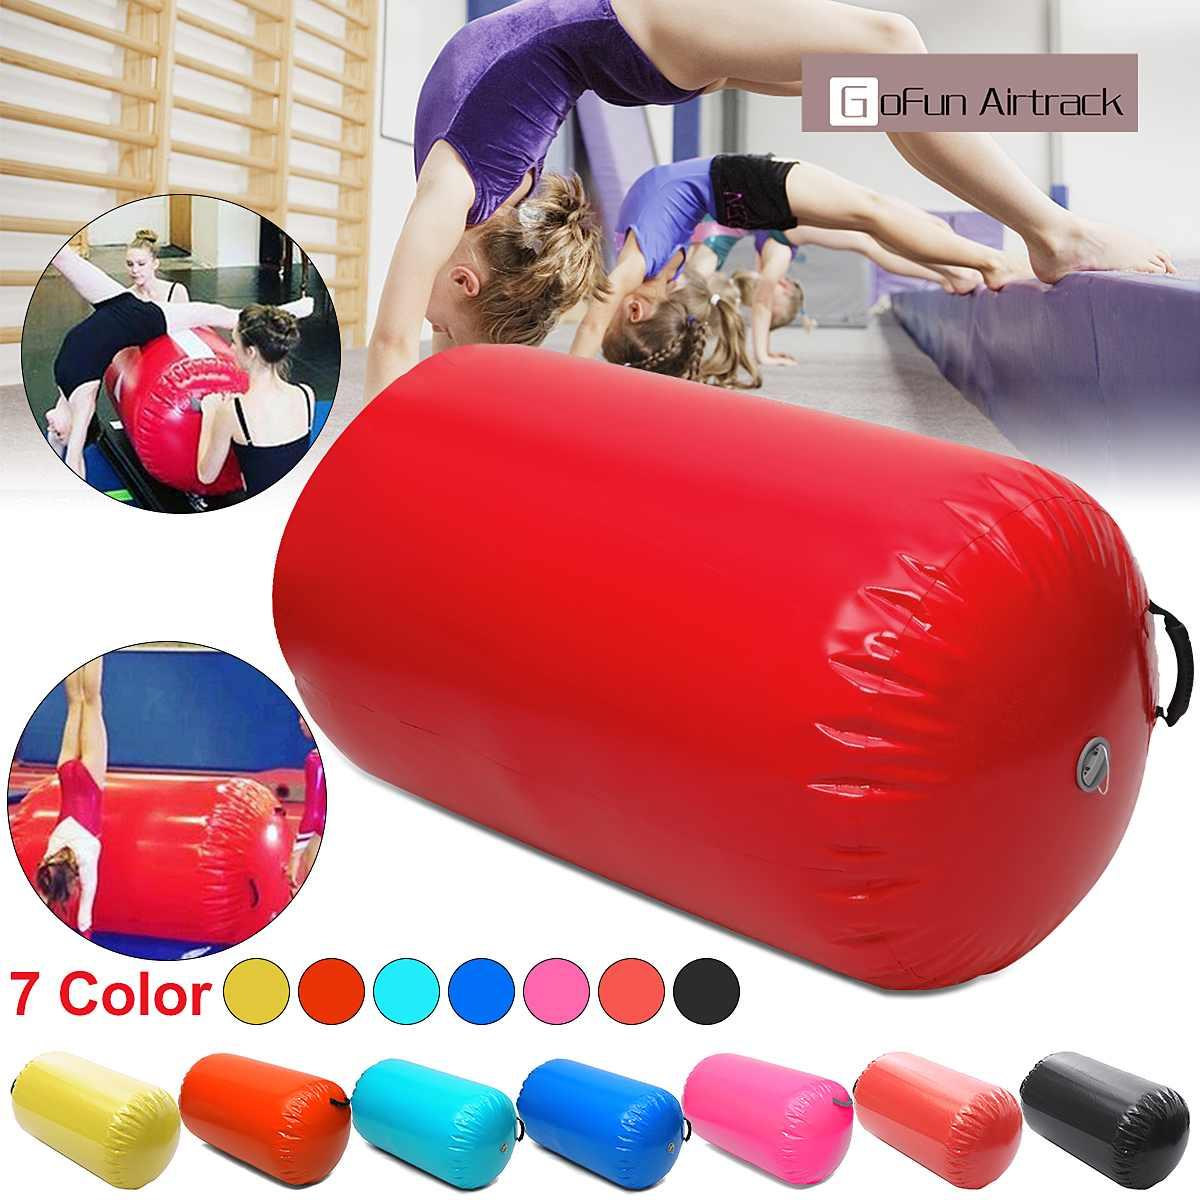 Gofun AirTrack Air cylindre Tumbling piste gymnastique exercice colonne gonflable Gym inversé Backflip entraînement enfants en sécurité